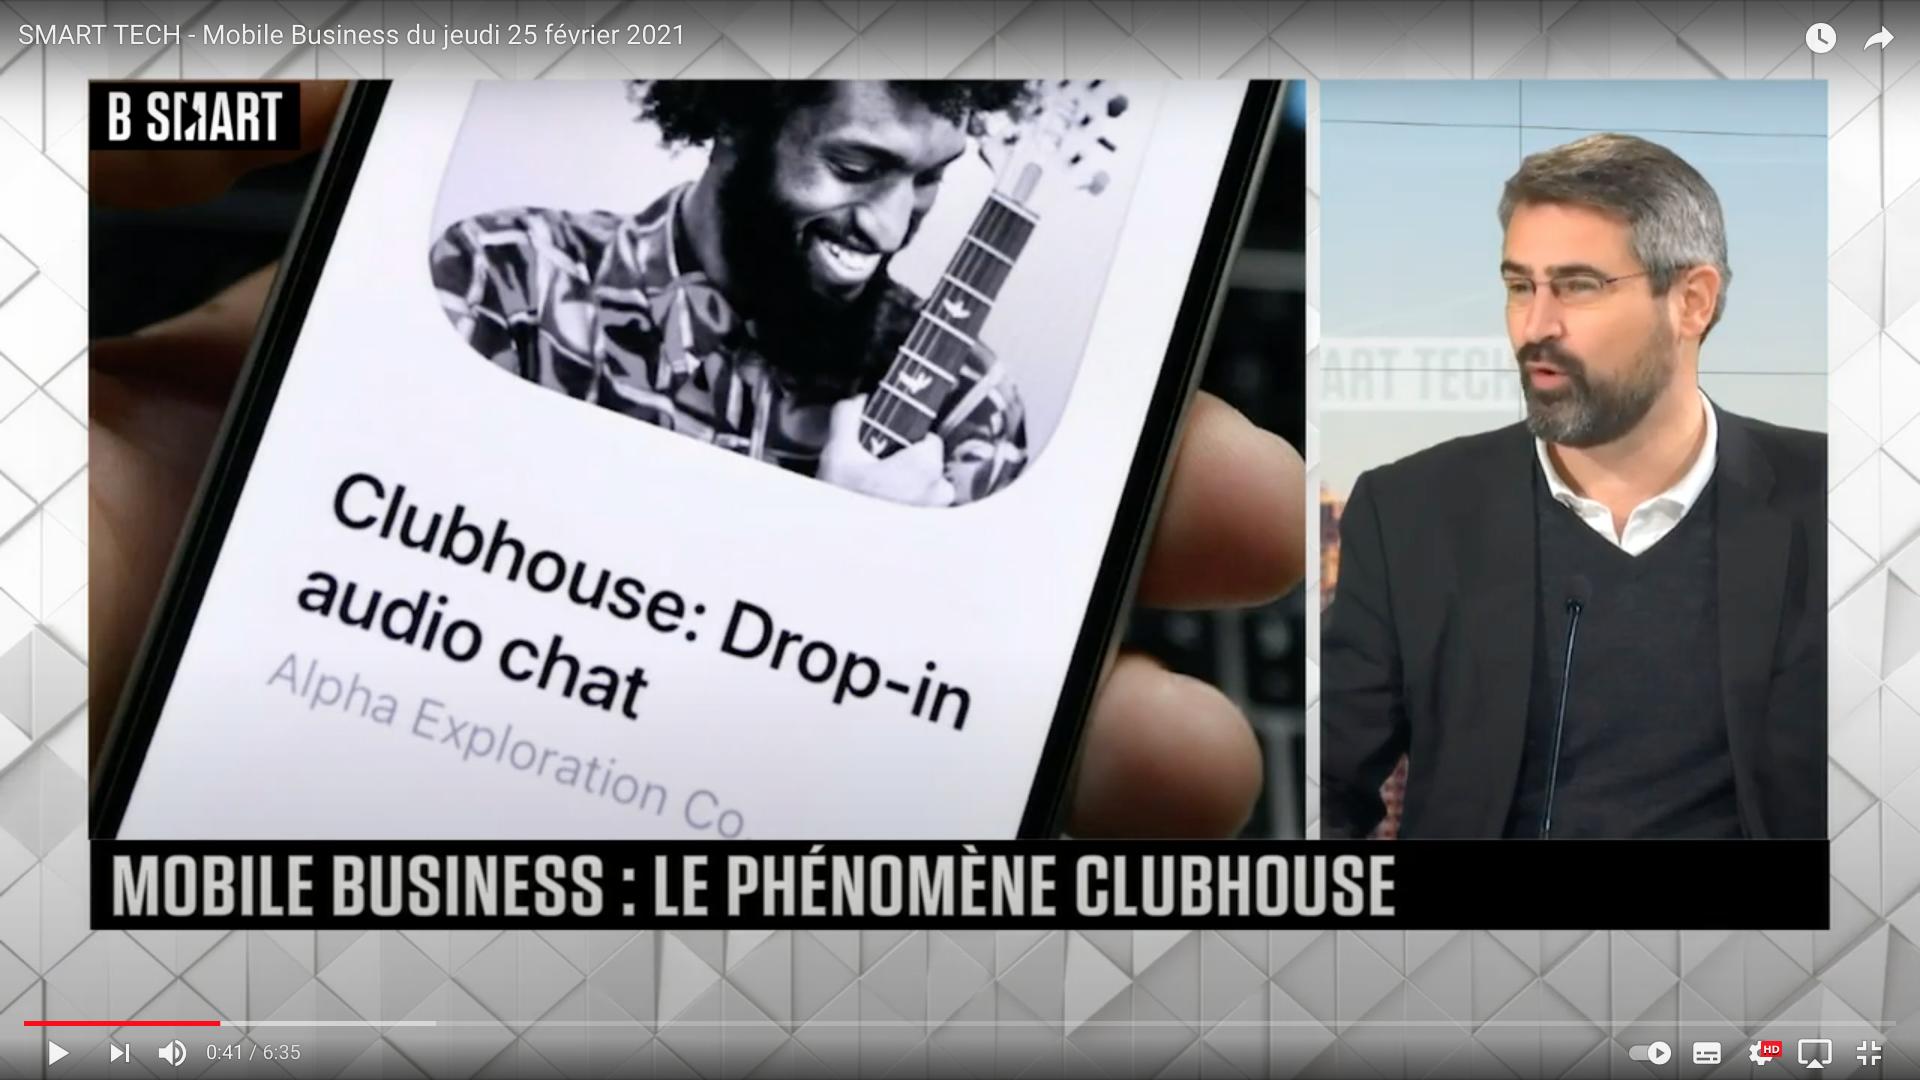 ClubHouse : la nouvelle application où tout le monde se parle (et dont tout le monde parle)